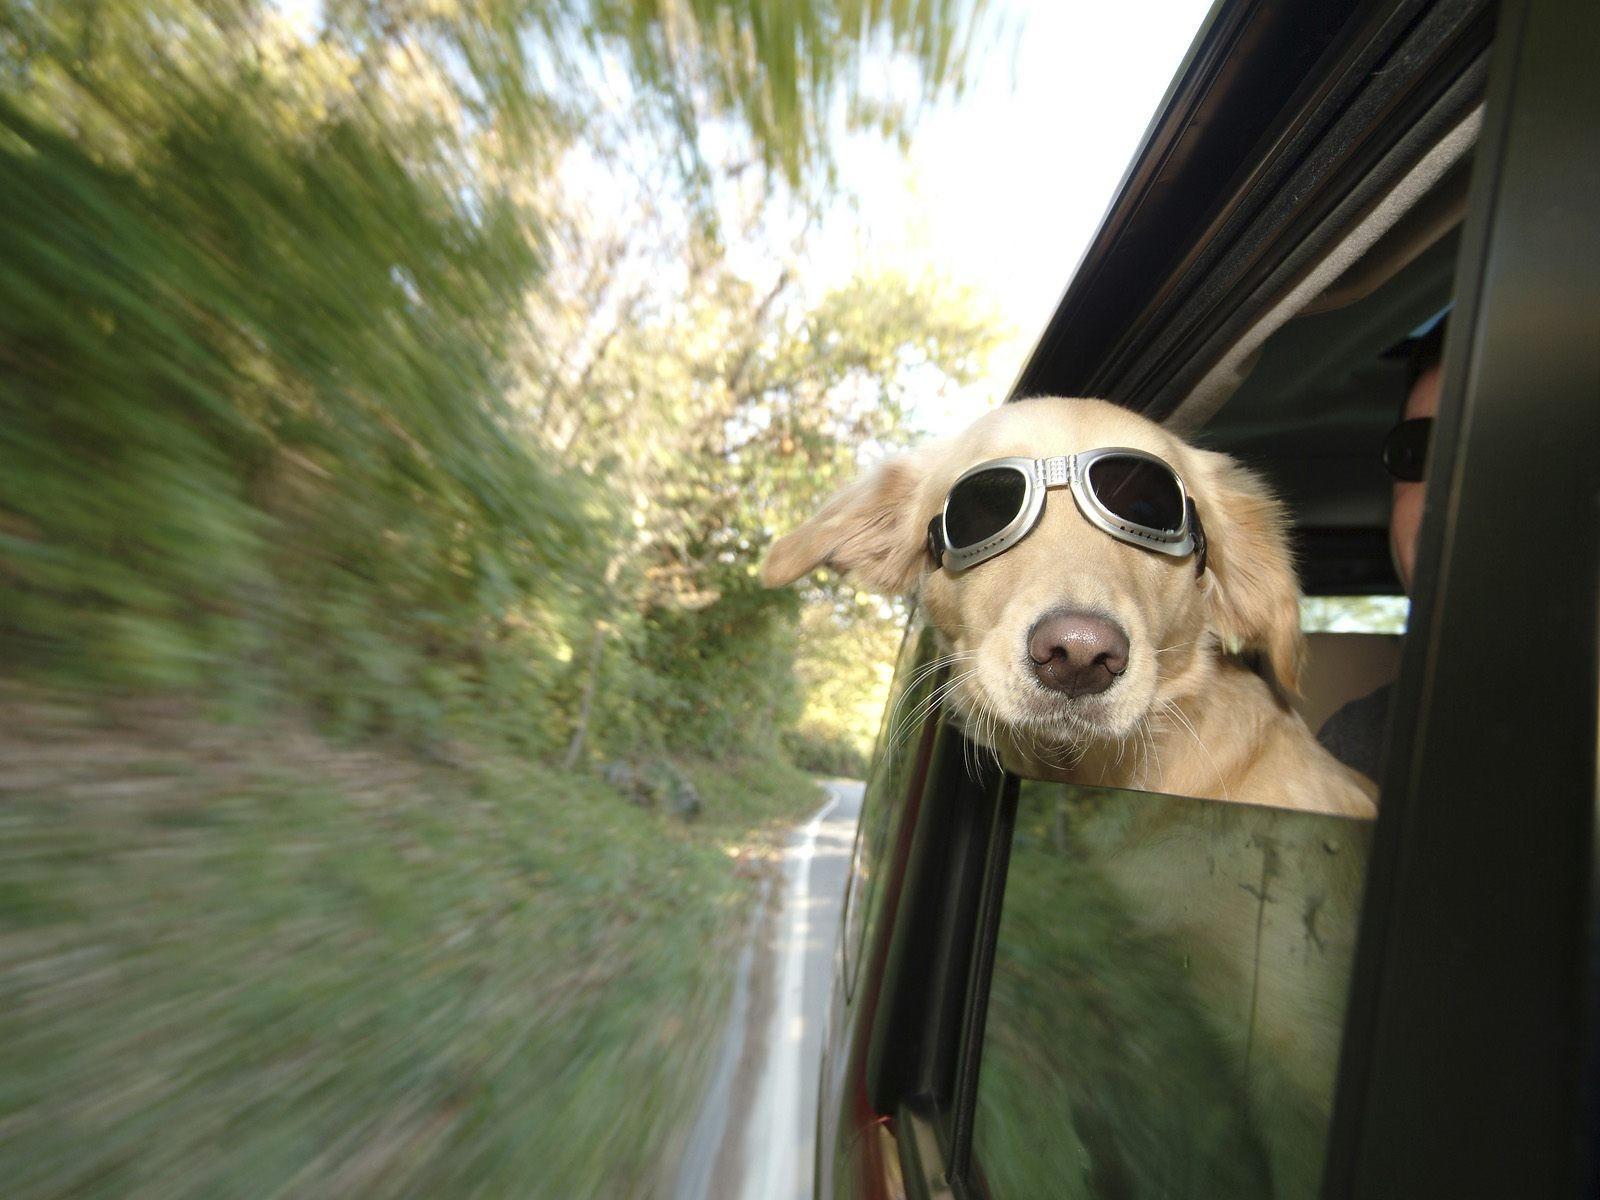 Смешные фото собак в машине, открытки карандашом